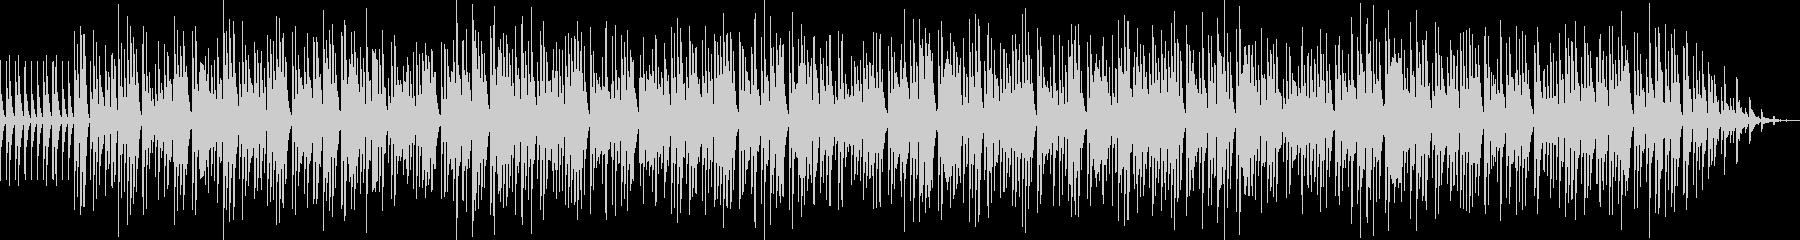 のんびりとした優しいマリンバ音楽の未再生の波形